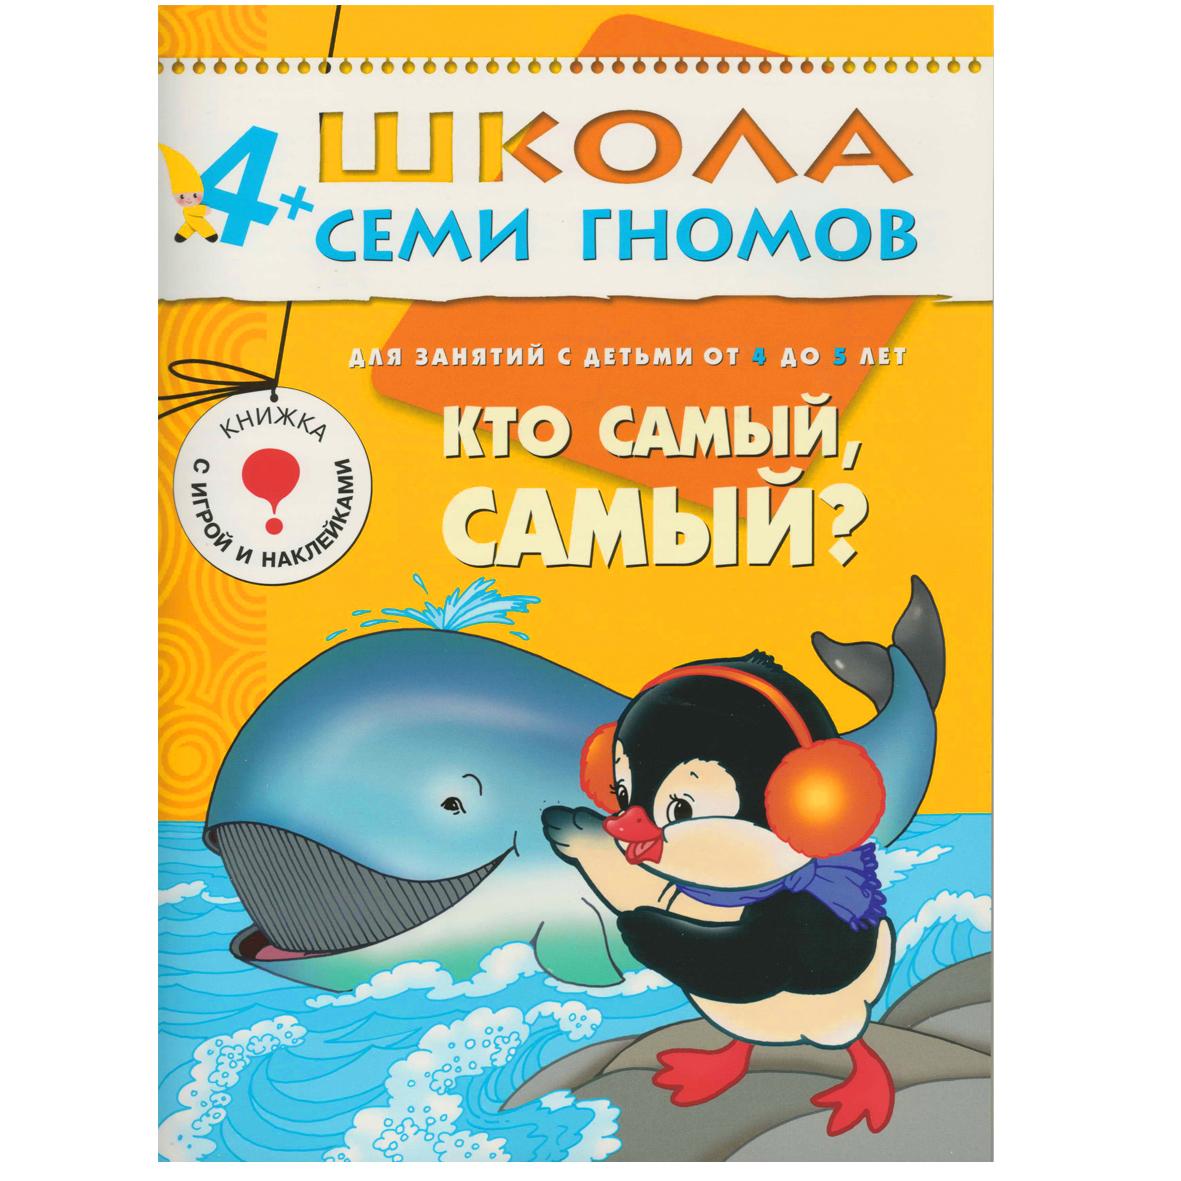 Кто самый, самый?: Для занятий с детьми от 4 до 5 лет: книжка с игрой и нак